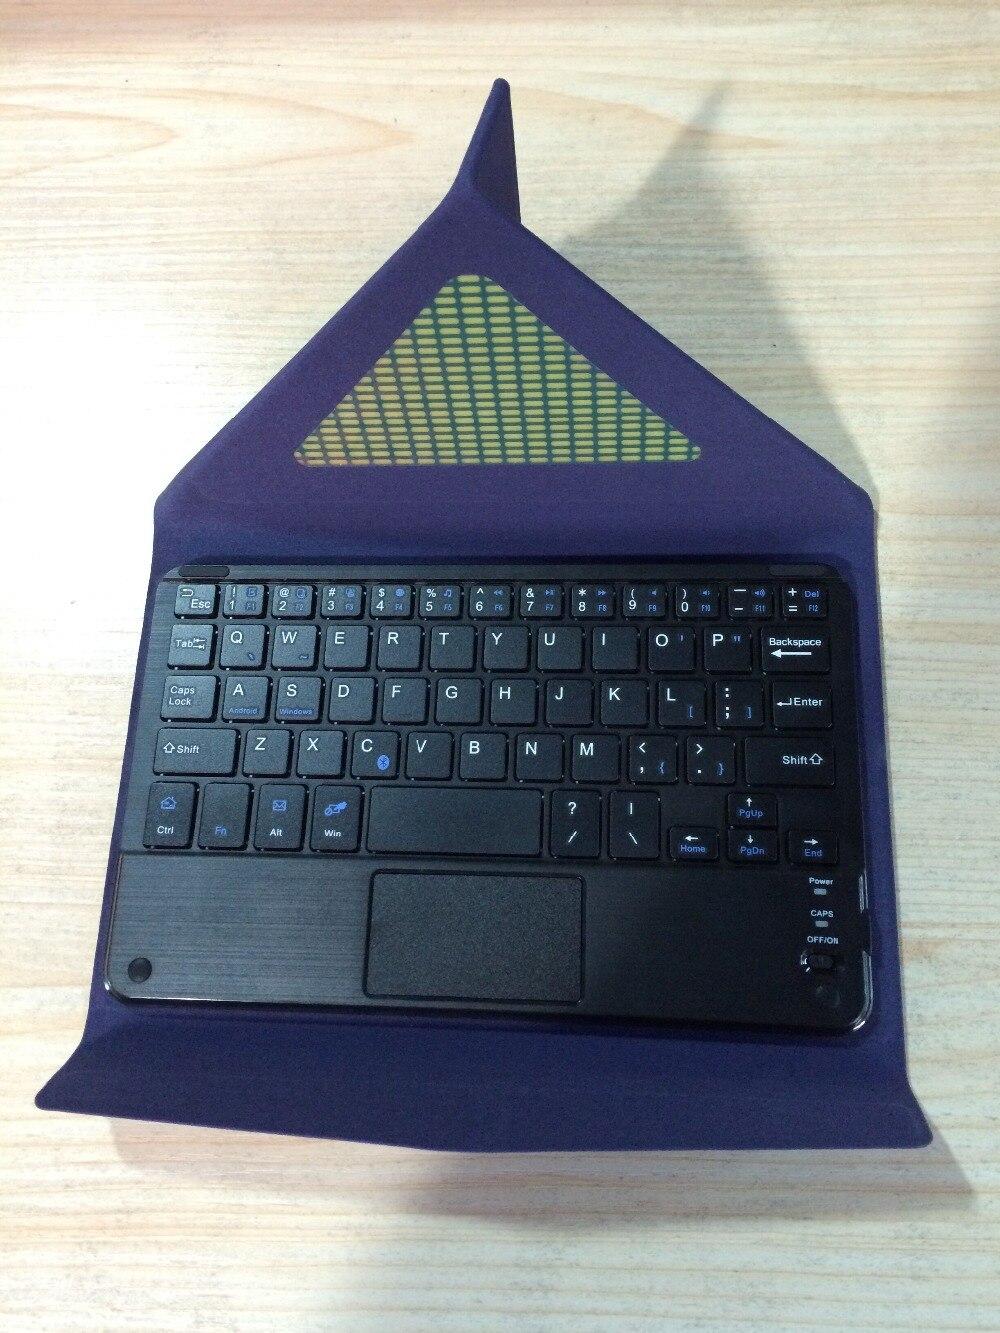 Jivan Touch panel keyboard case for aoson m76t tablet pc aoson m76t keyboard case aoson m76t case keyboard car charger for tablet pc cube u10gt u10gt2 aoson m19 more black dc 9v